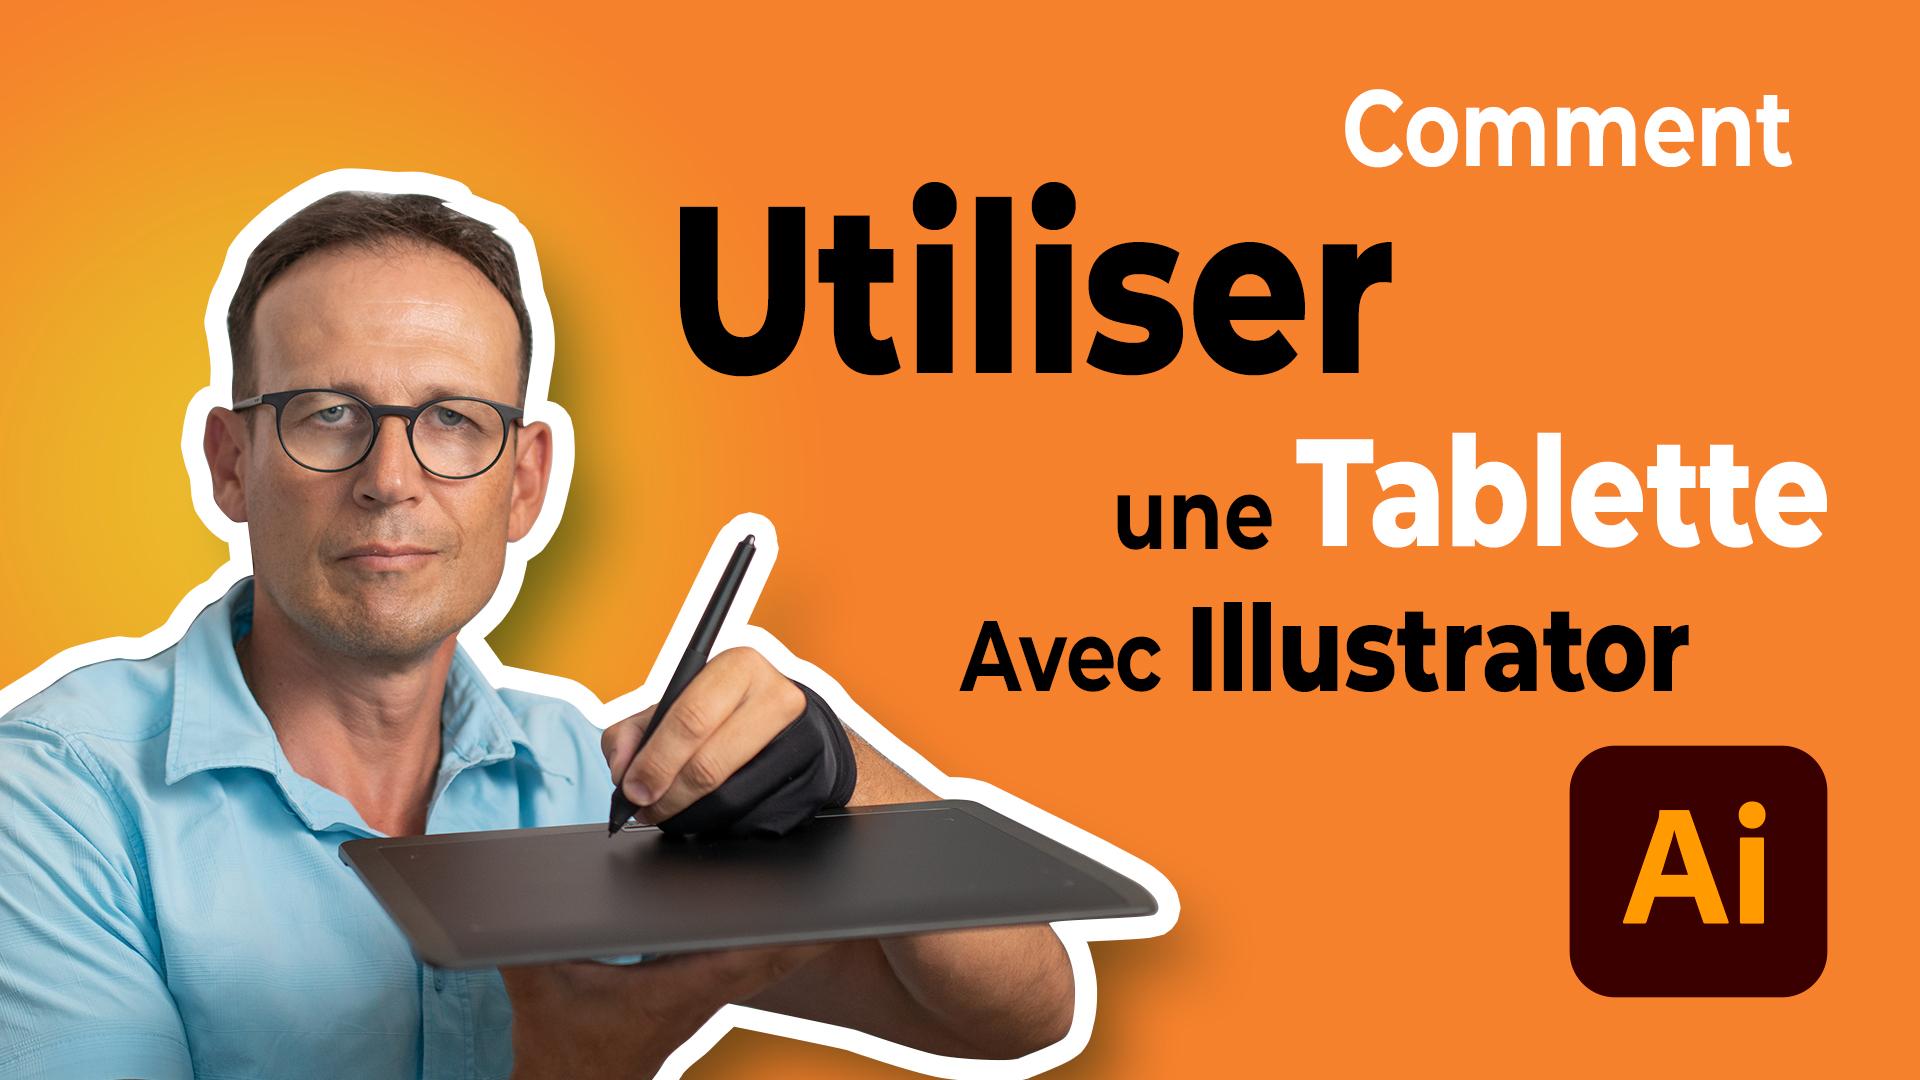 Comment utiliser une tablette avec Illustrator